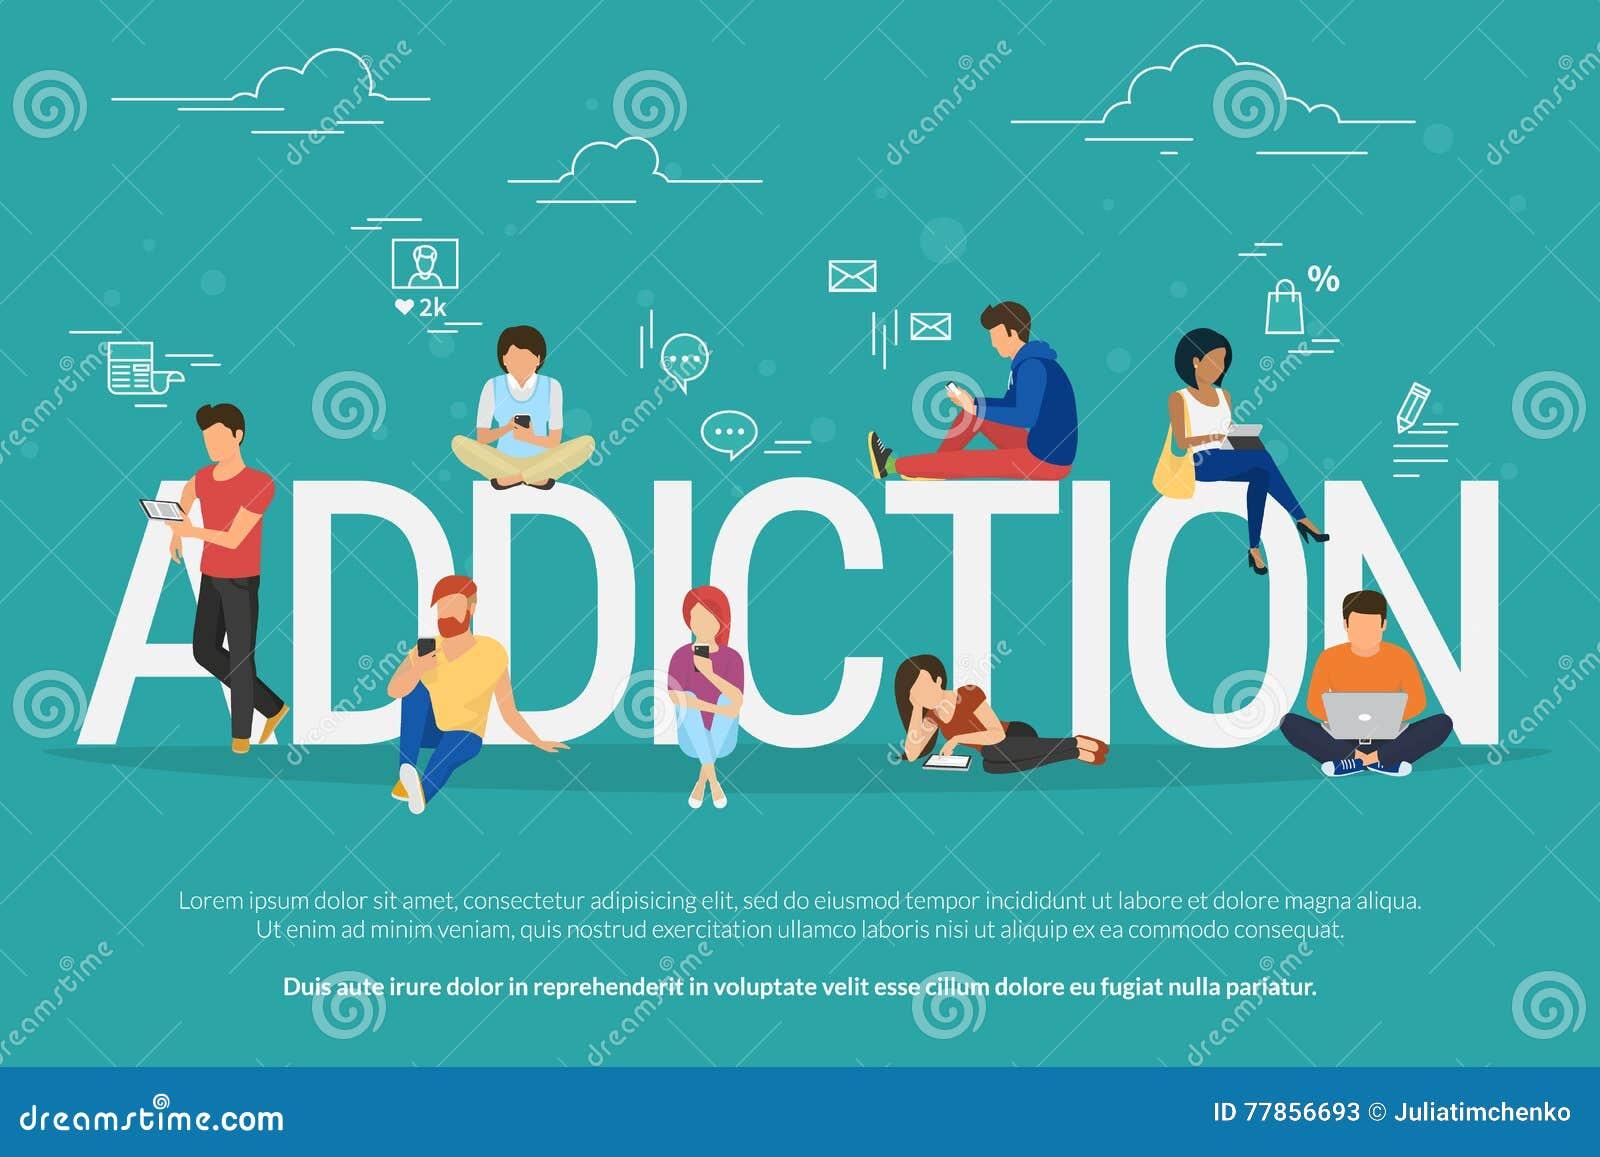 Απεικόνιση έννοιας εθισμού των νέων που χρησιμοποιούν τις συσκευές όπως το lap-top, smartphone, ταμπλέτες